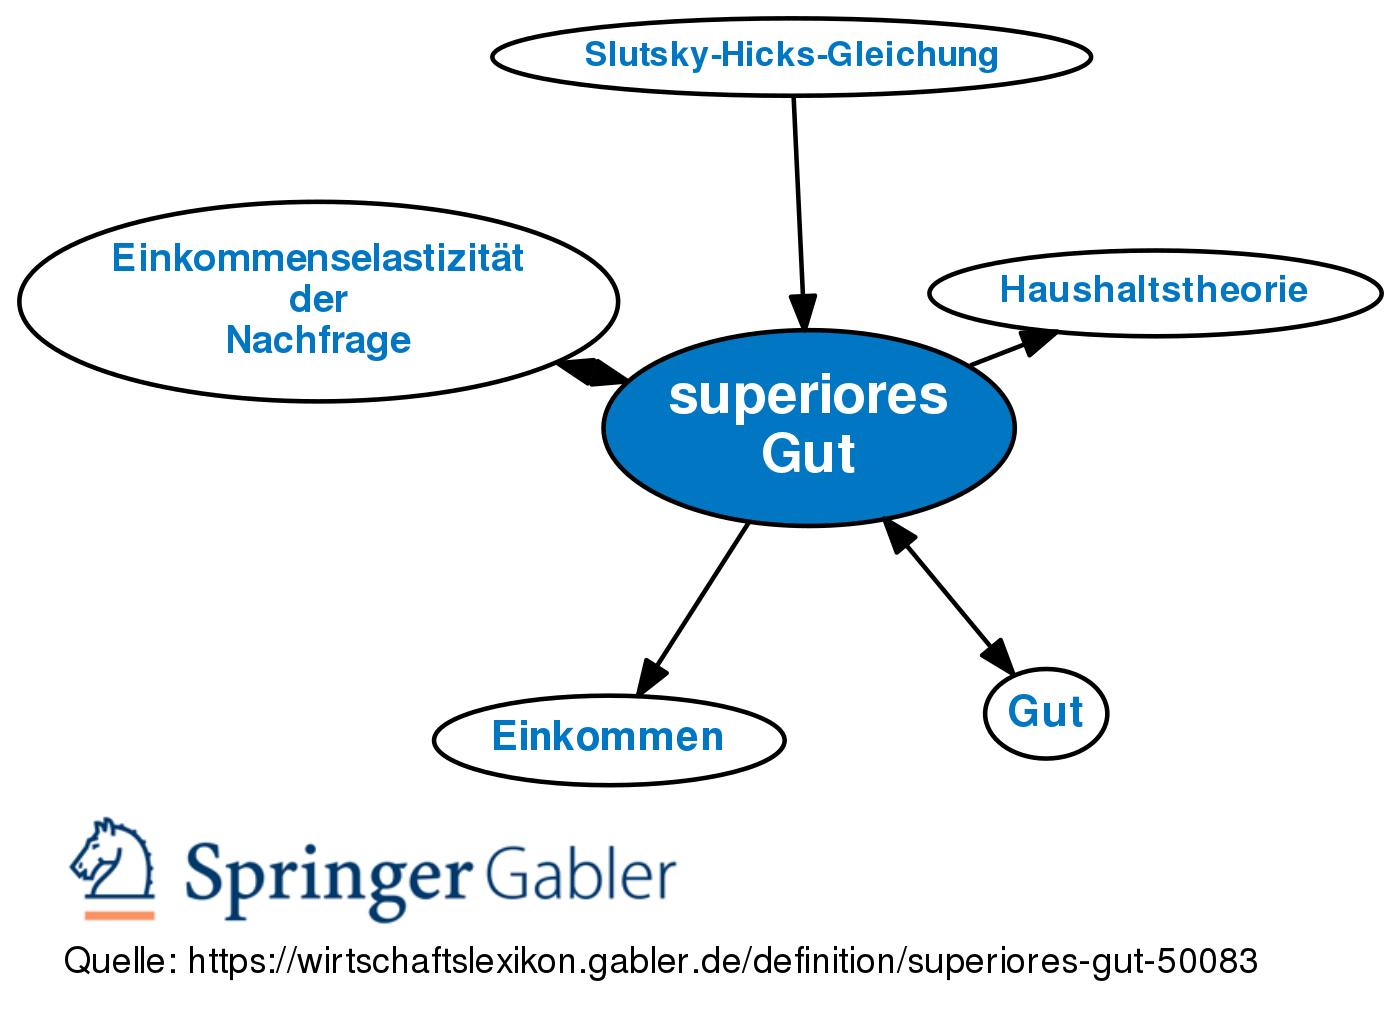 Superiores Gut Definition Gabler Wirtschaftslexikon